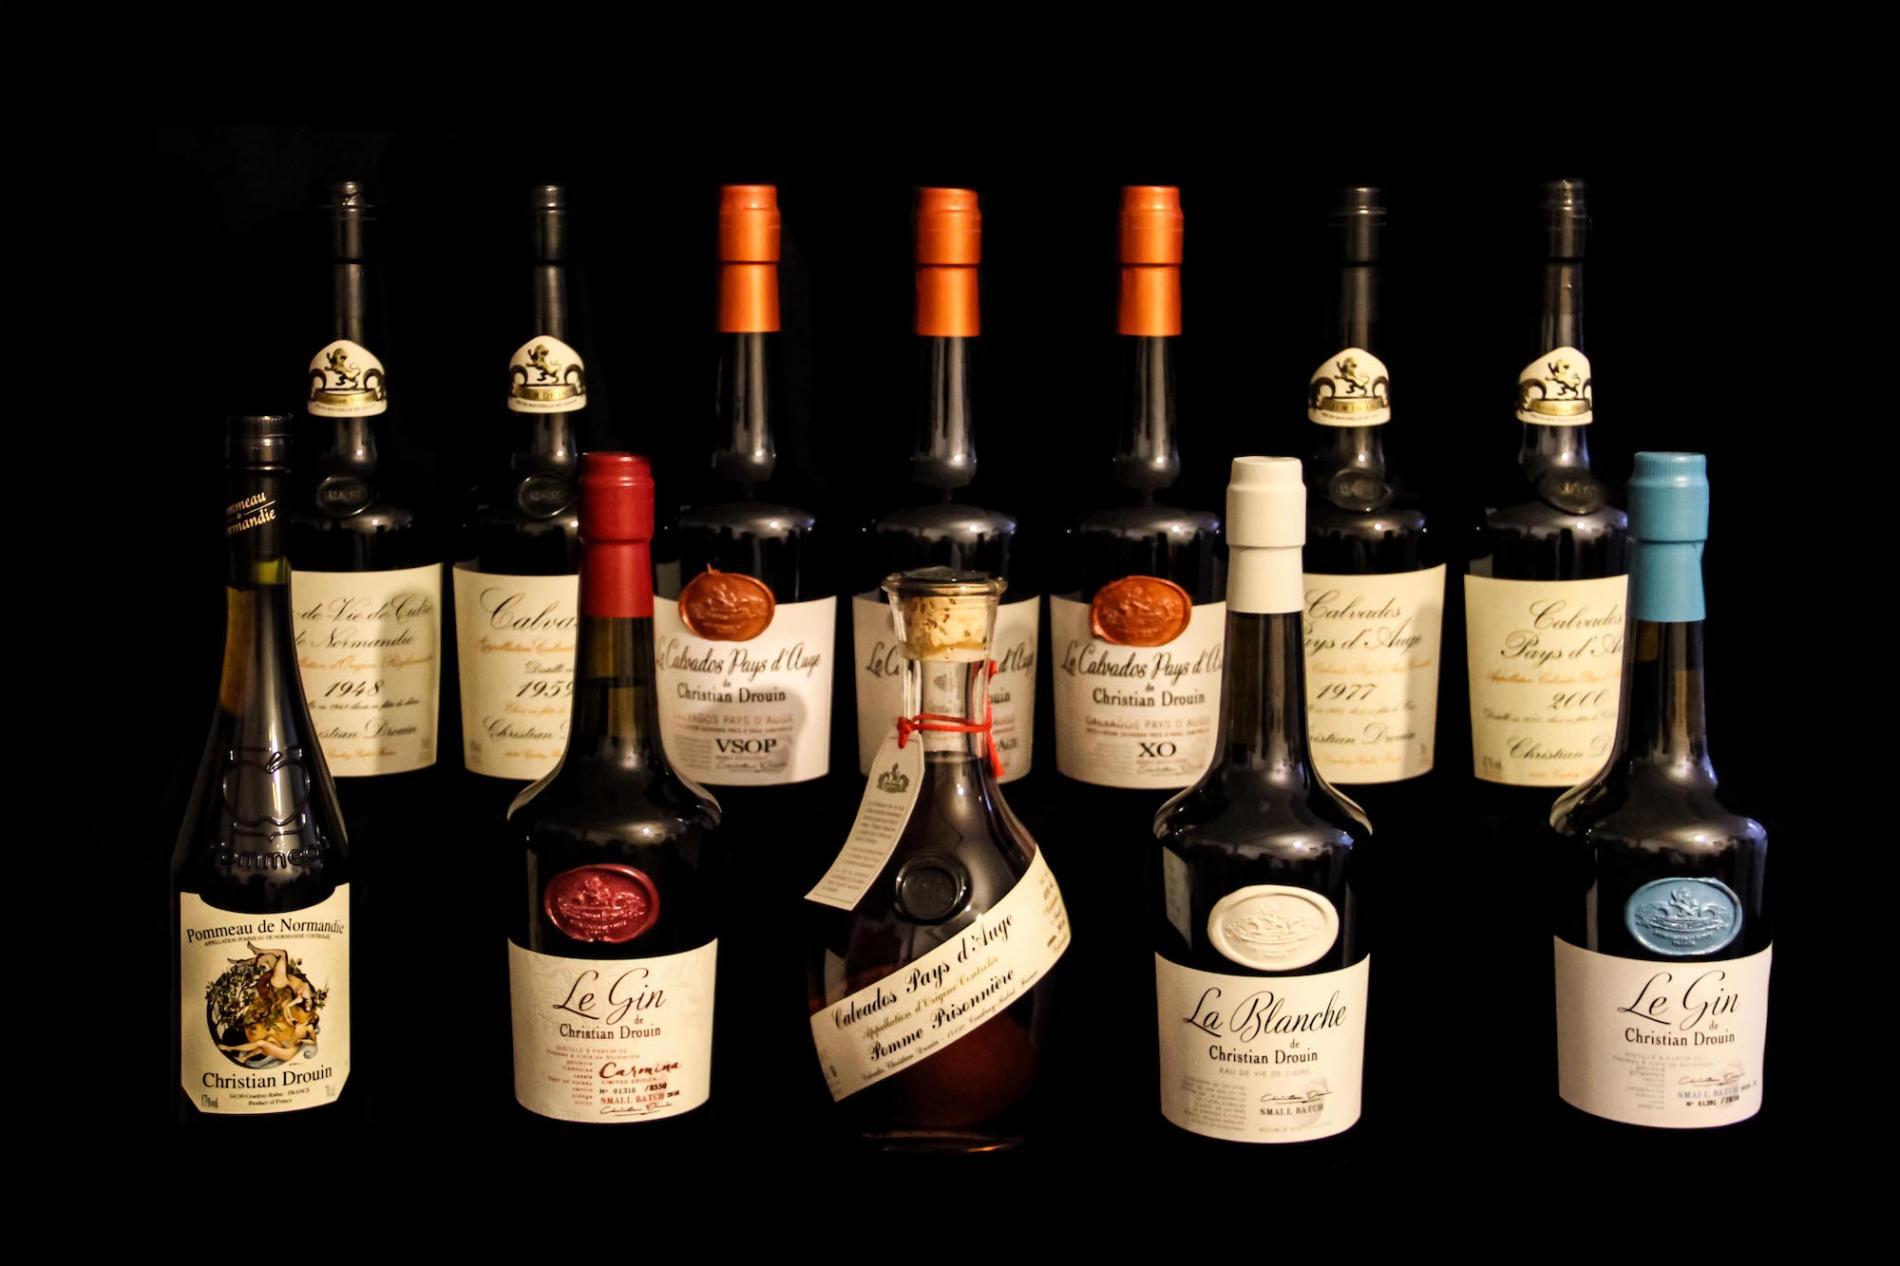 Calvados Pays d'Auge : Drouin